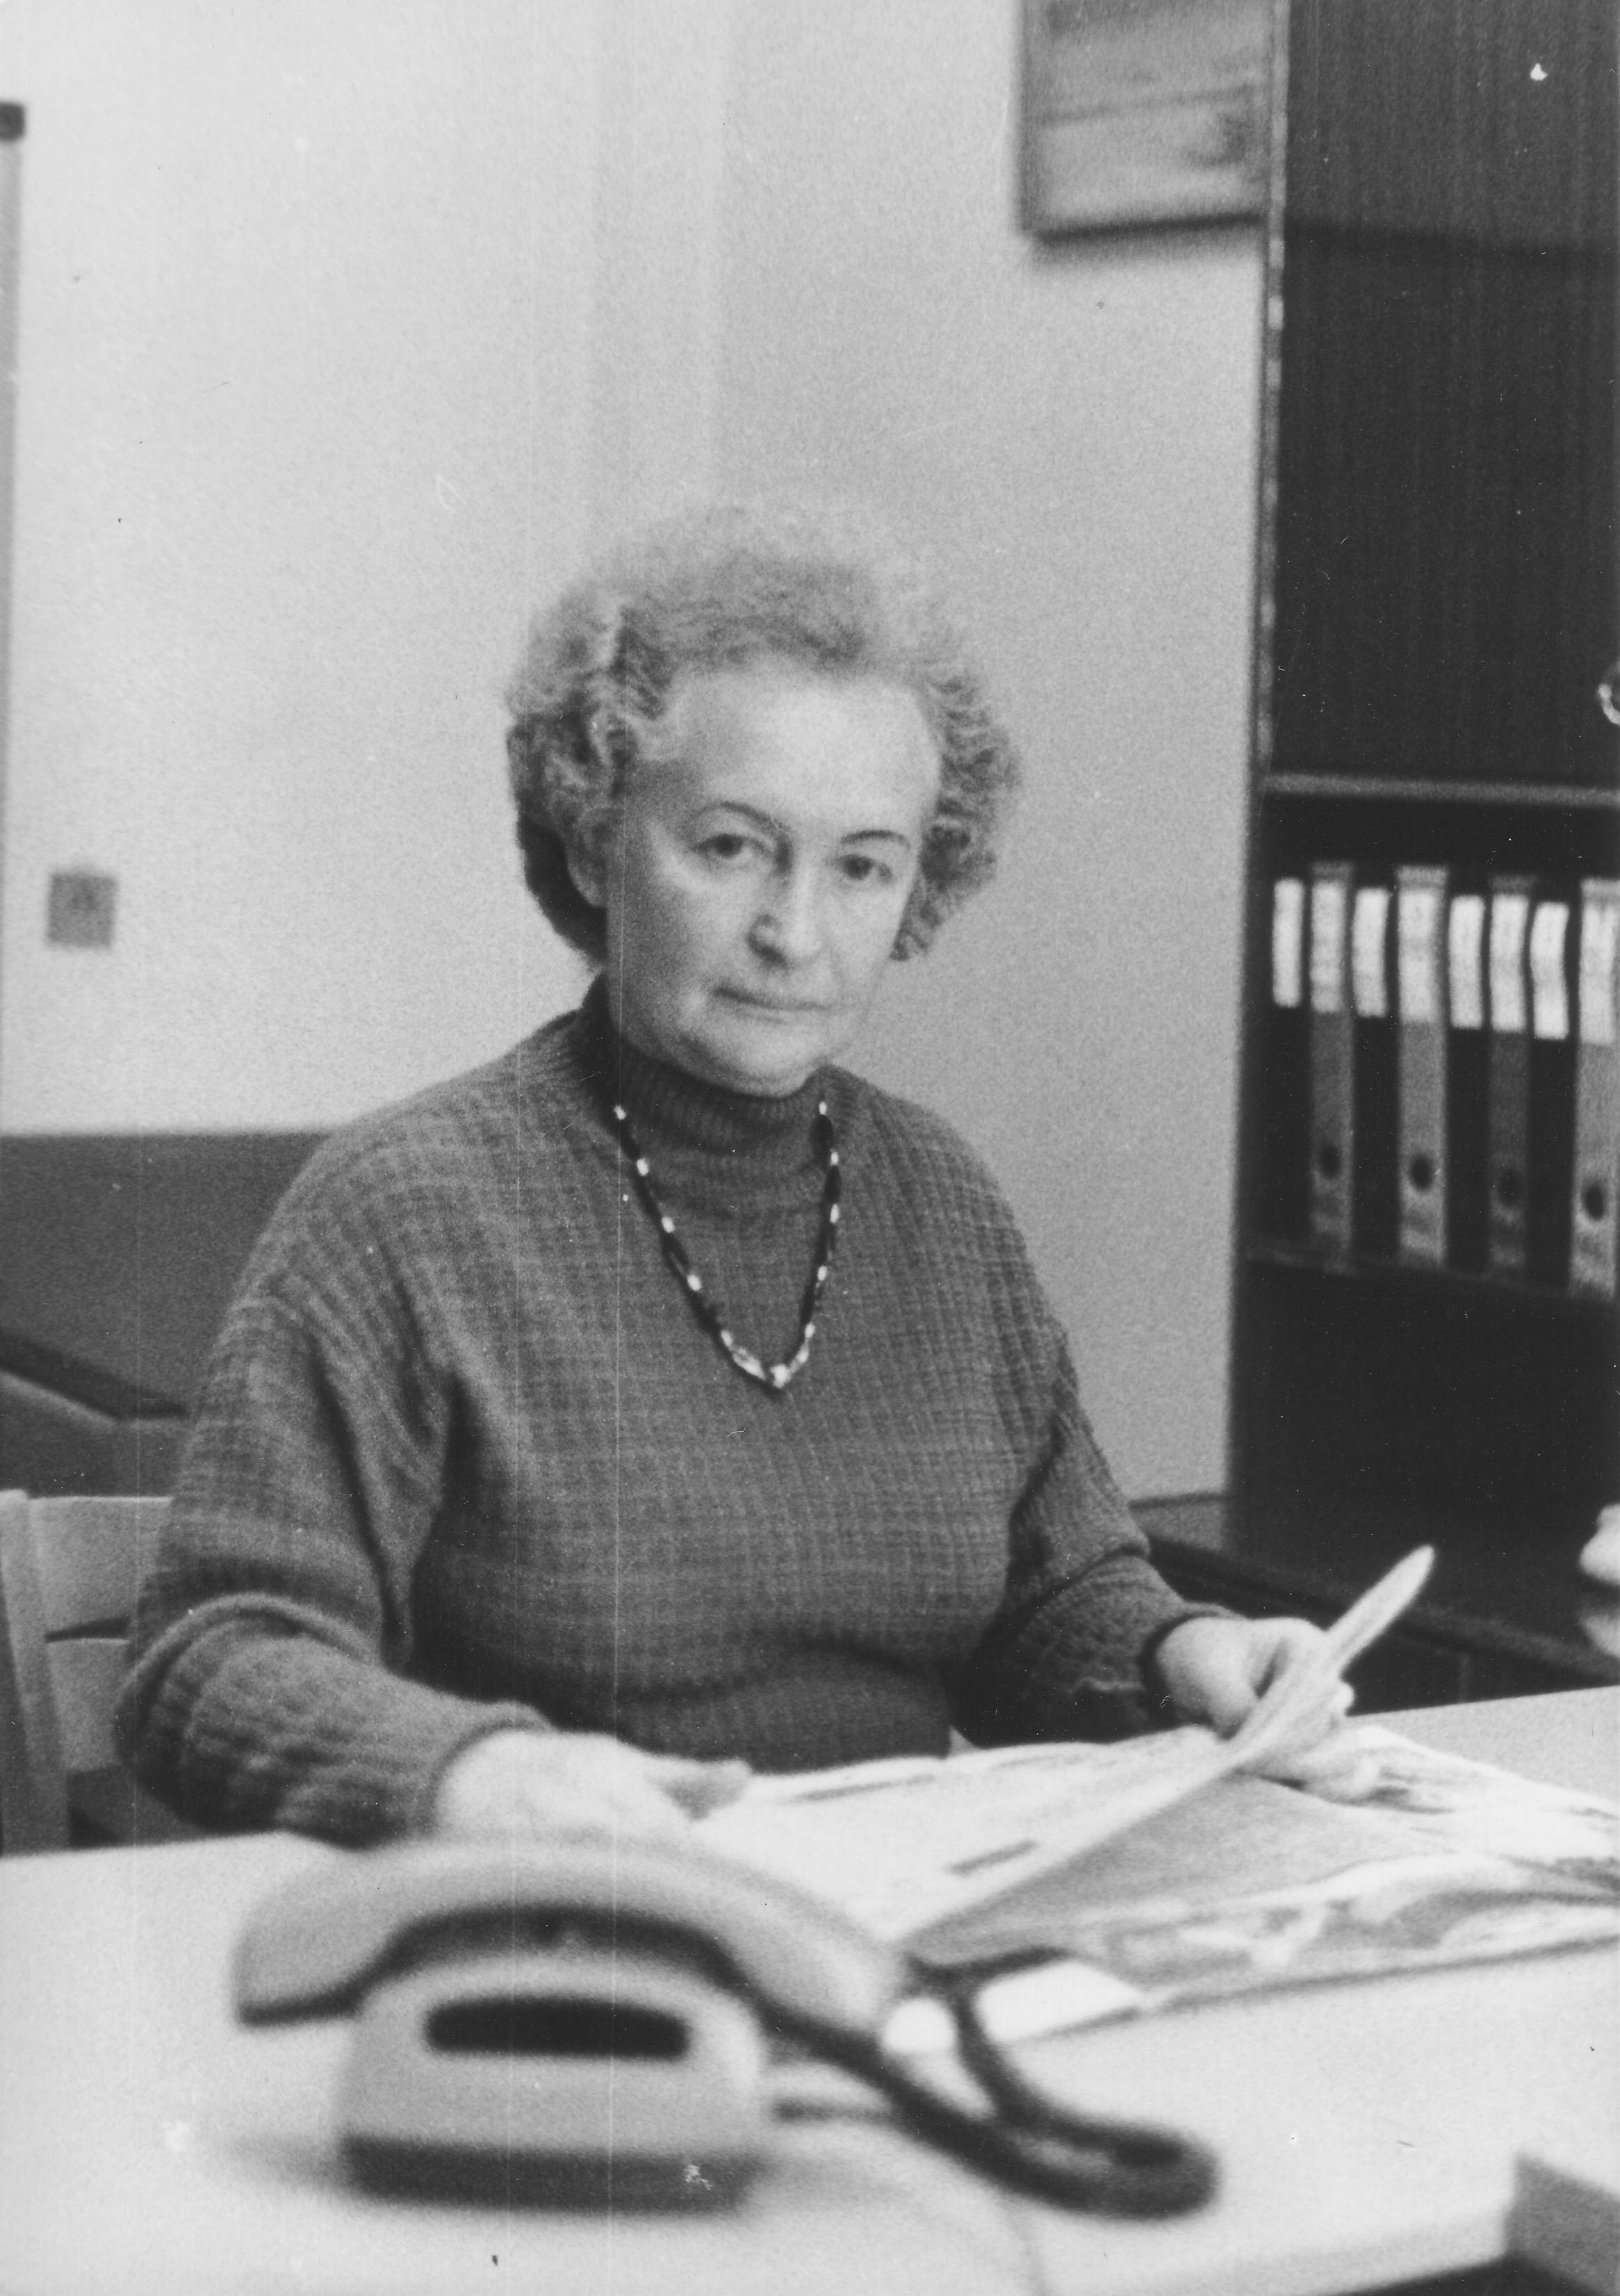 18. Bibliografijos skyriaus vedėja I. Butkienė, švenčianti 25 metų darbo bibliotekoje sukaktį, 1990 m., S. Barasos nuotr.